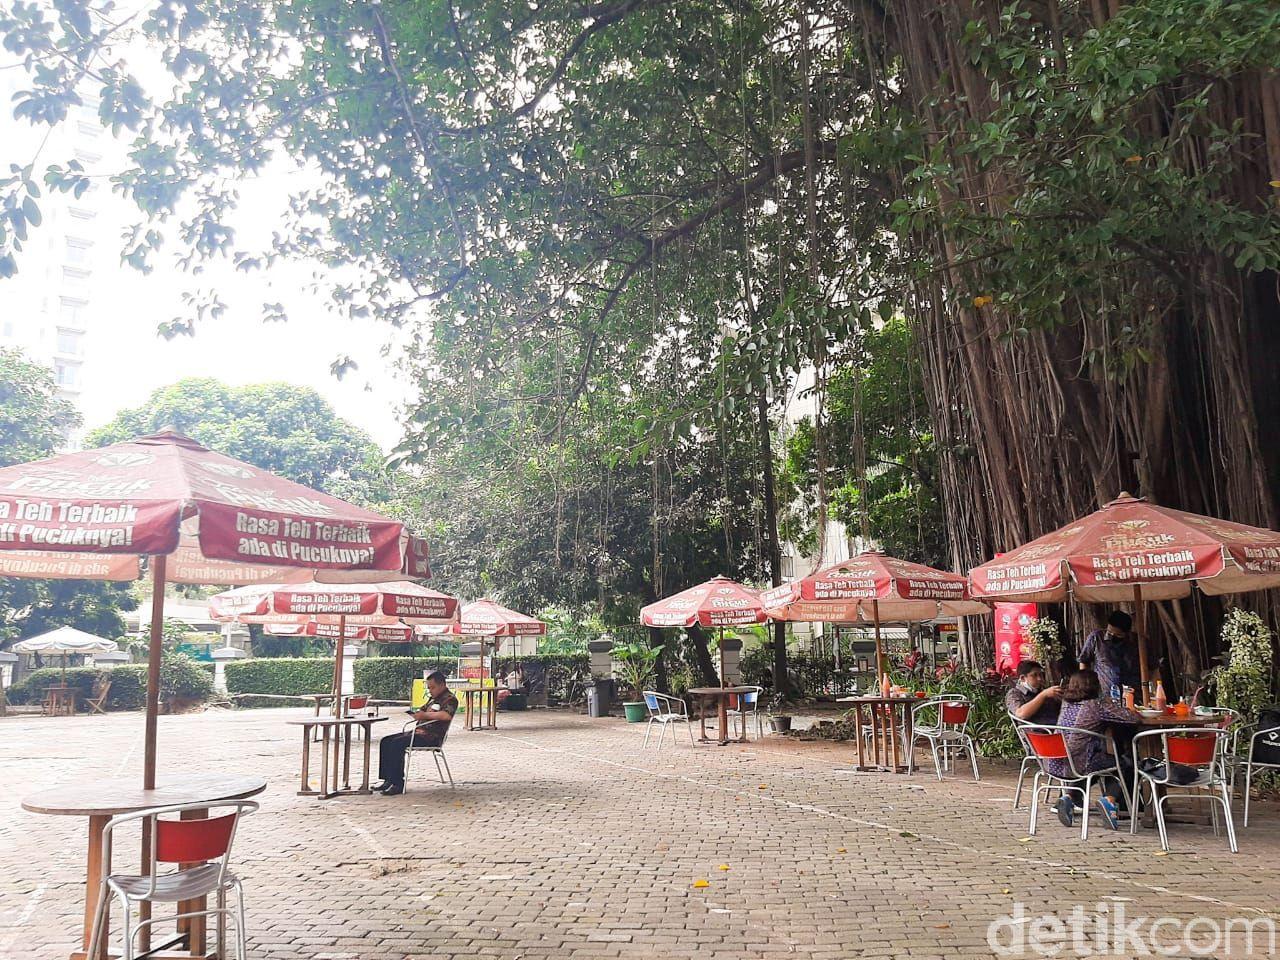 Mie Gaul Senayan; Sedapnya Mie Ayam dan Yamin 'Hidden Gems' yang Tempatnya Asri